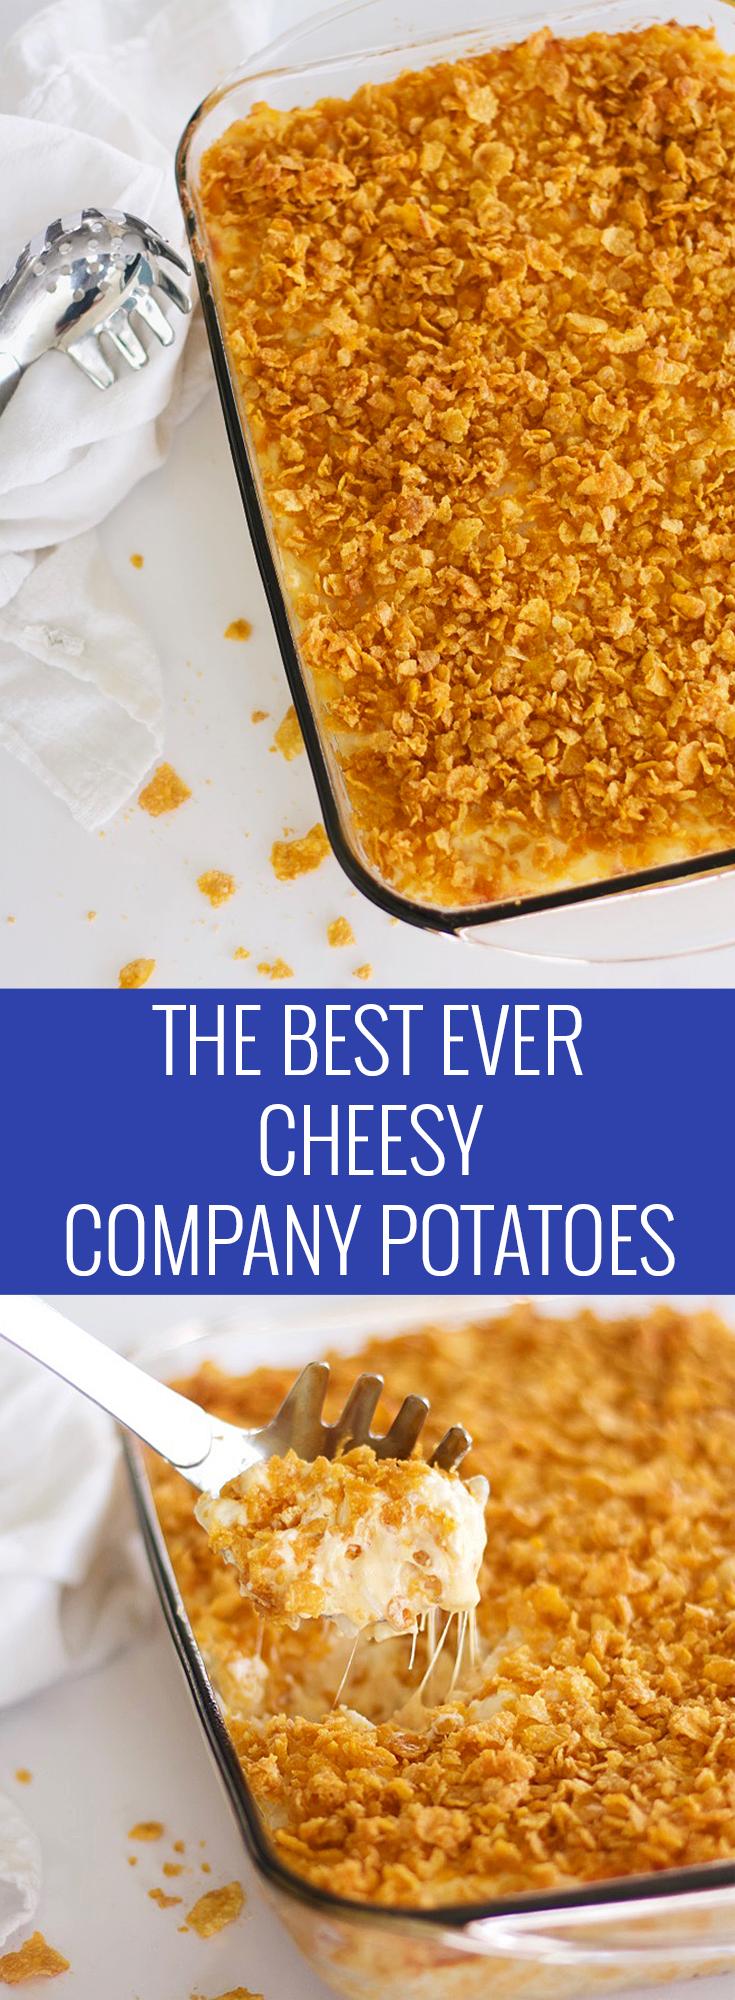 The Best Cheesy Company Potatoes